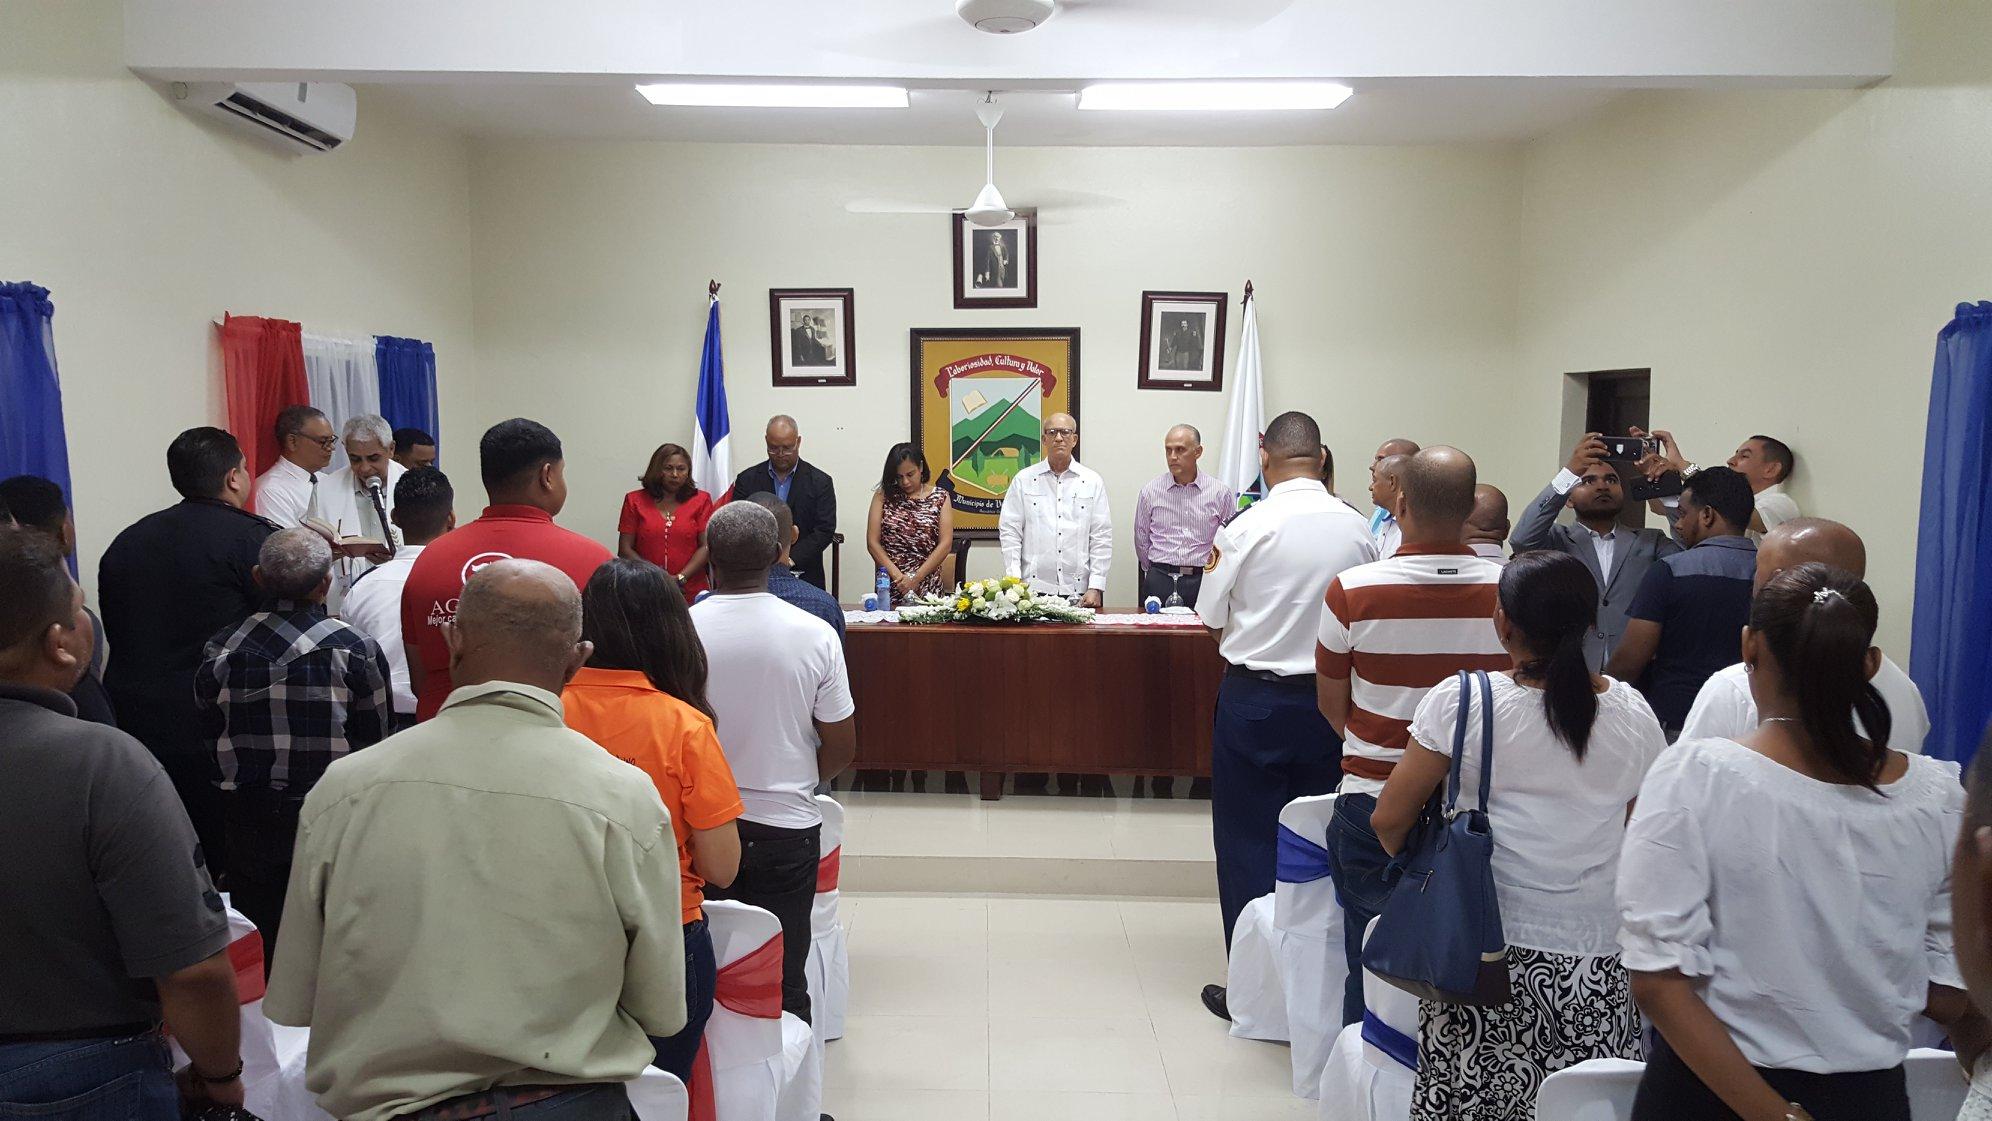 Rendición de Cuenta del Ayuntamiento de Villa González 2019, Alcalde Ing. César Álvarez.